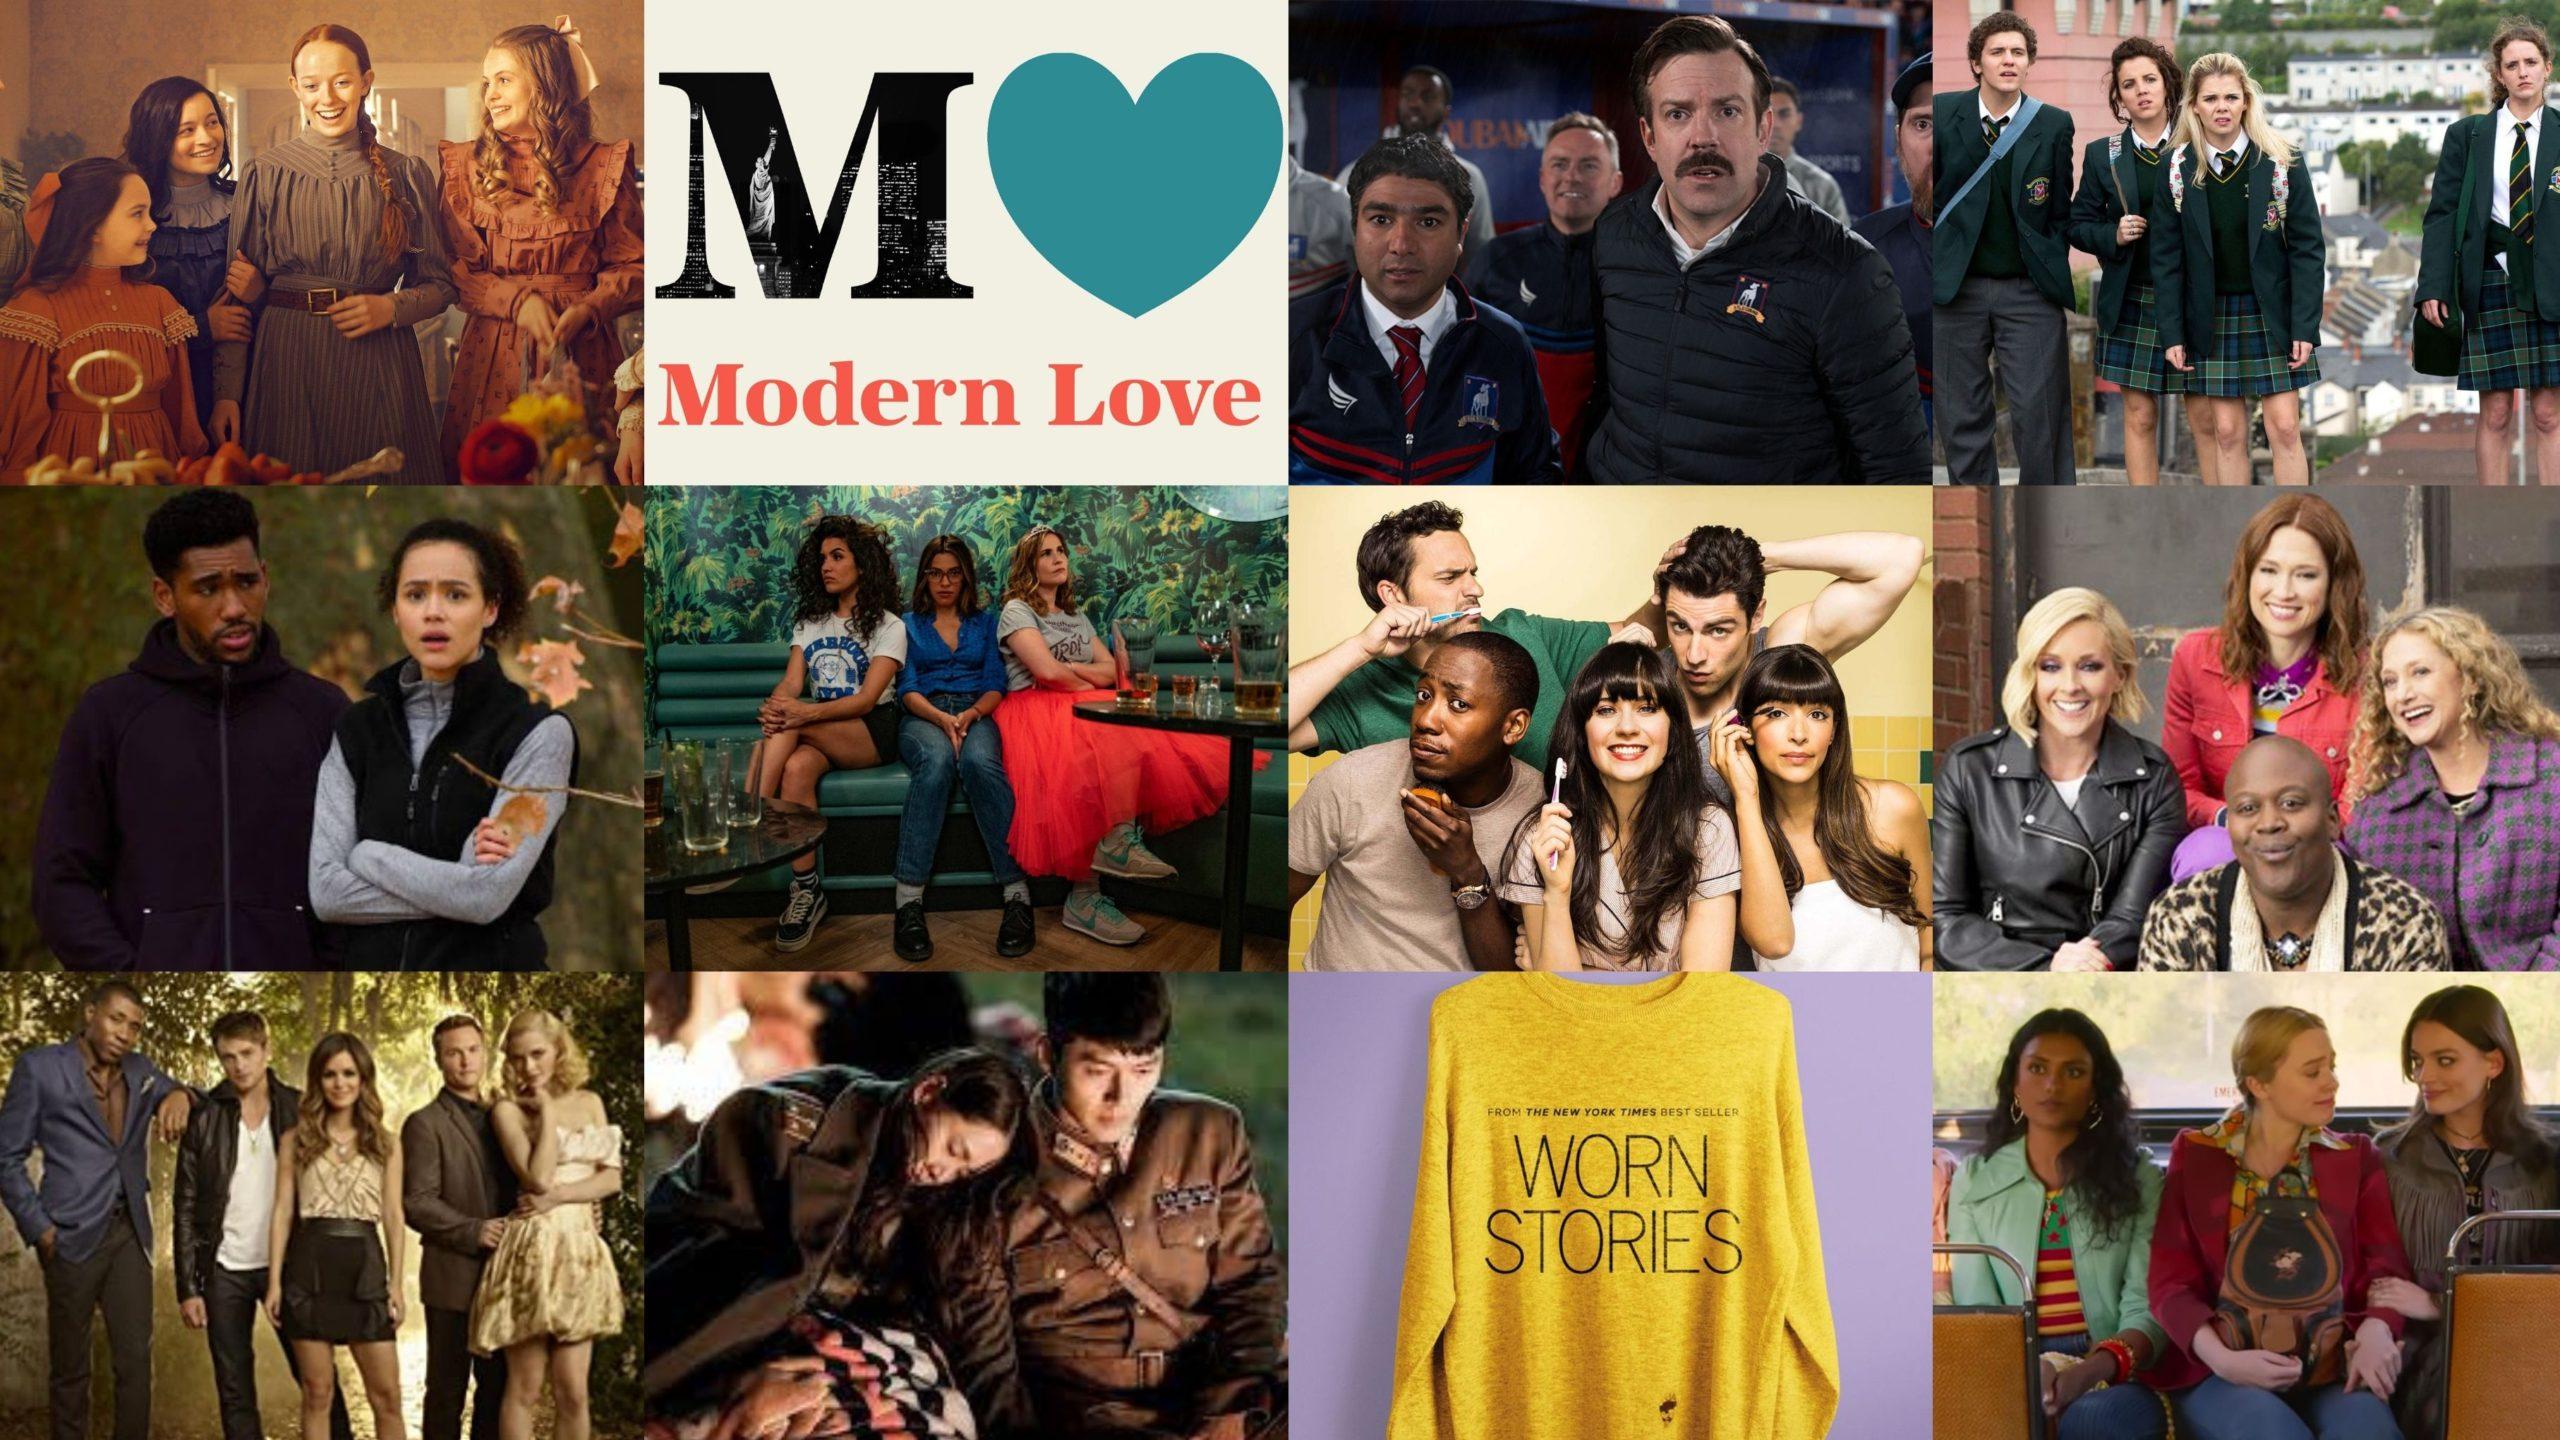 21 hyvän mielen sarjaa (eli iloa, rakkautta – ja rikoksia?)